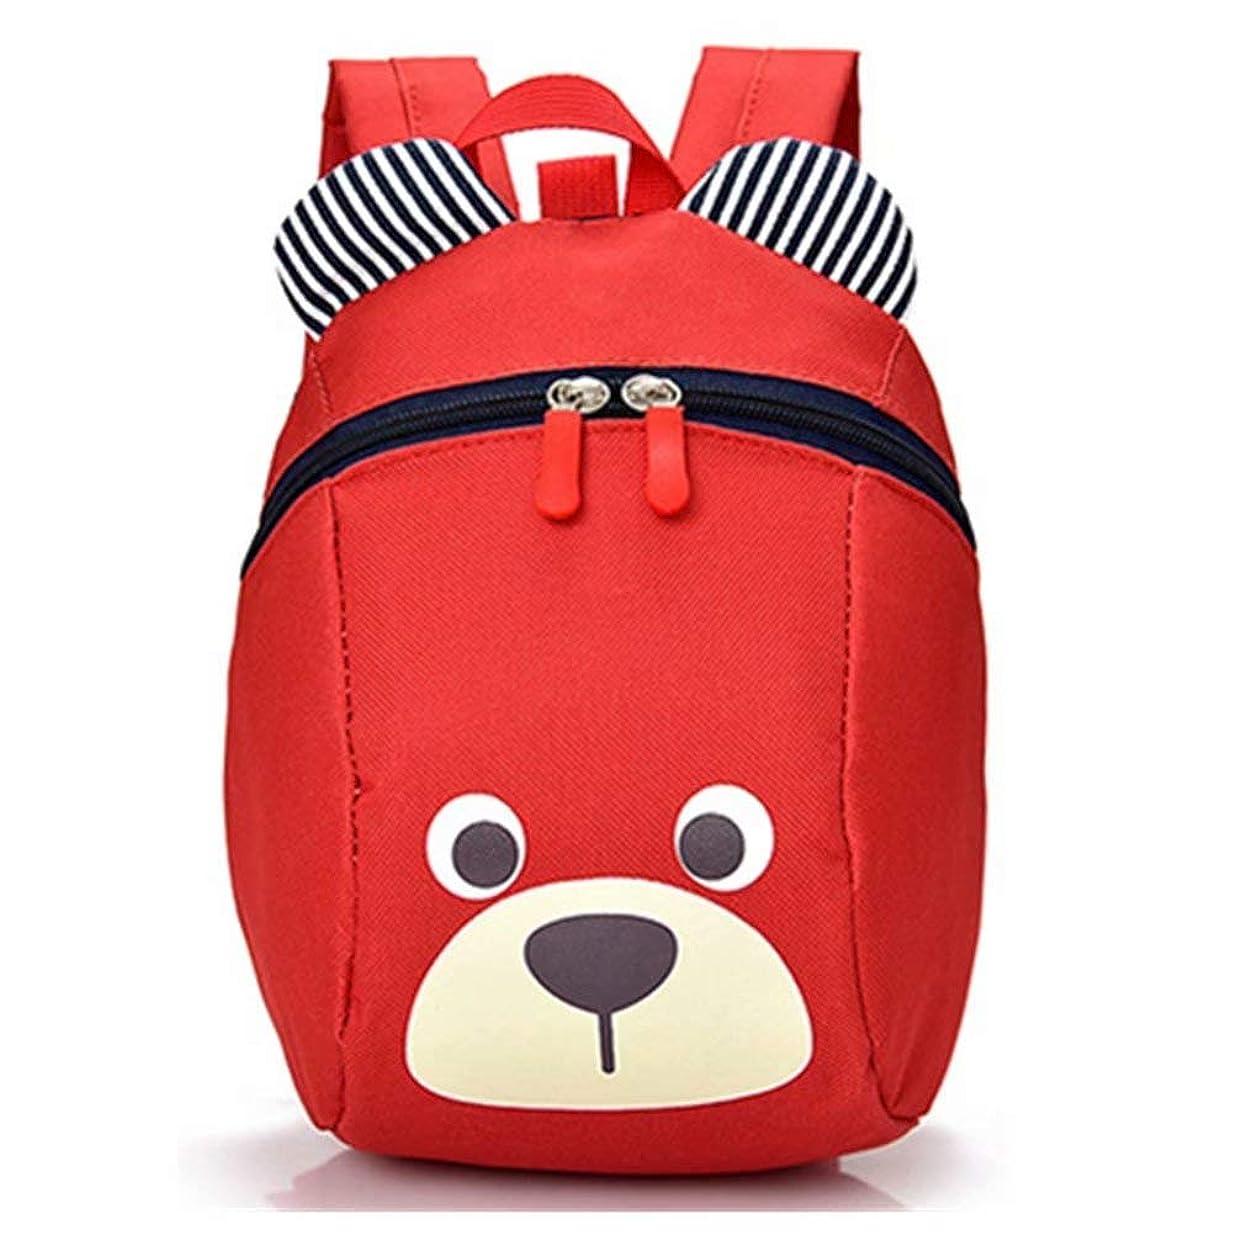 チャンス拍手商標LiUiMiY 子供リュック 迷子防止 紐付き 可愛い熊型 幼児 キッズ 入園 幼稚園パックバッグ 男の子 女の子かばん 人気 1歳-3歳用